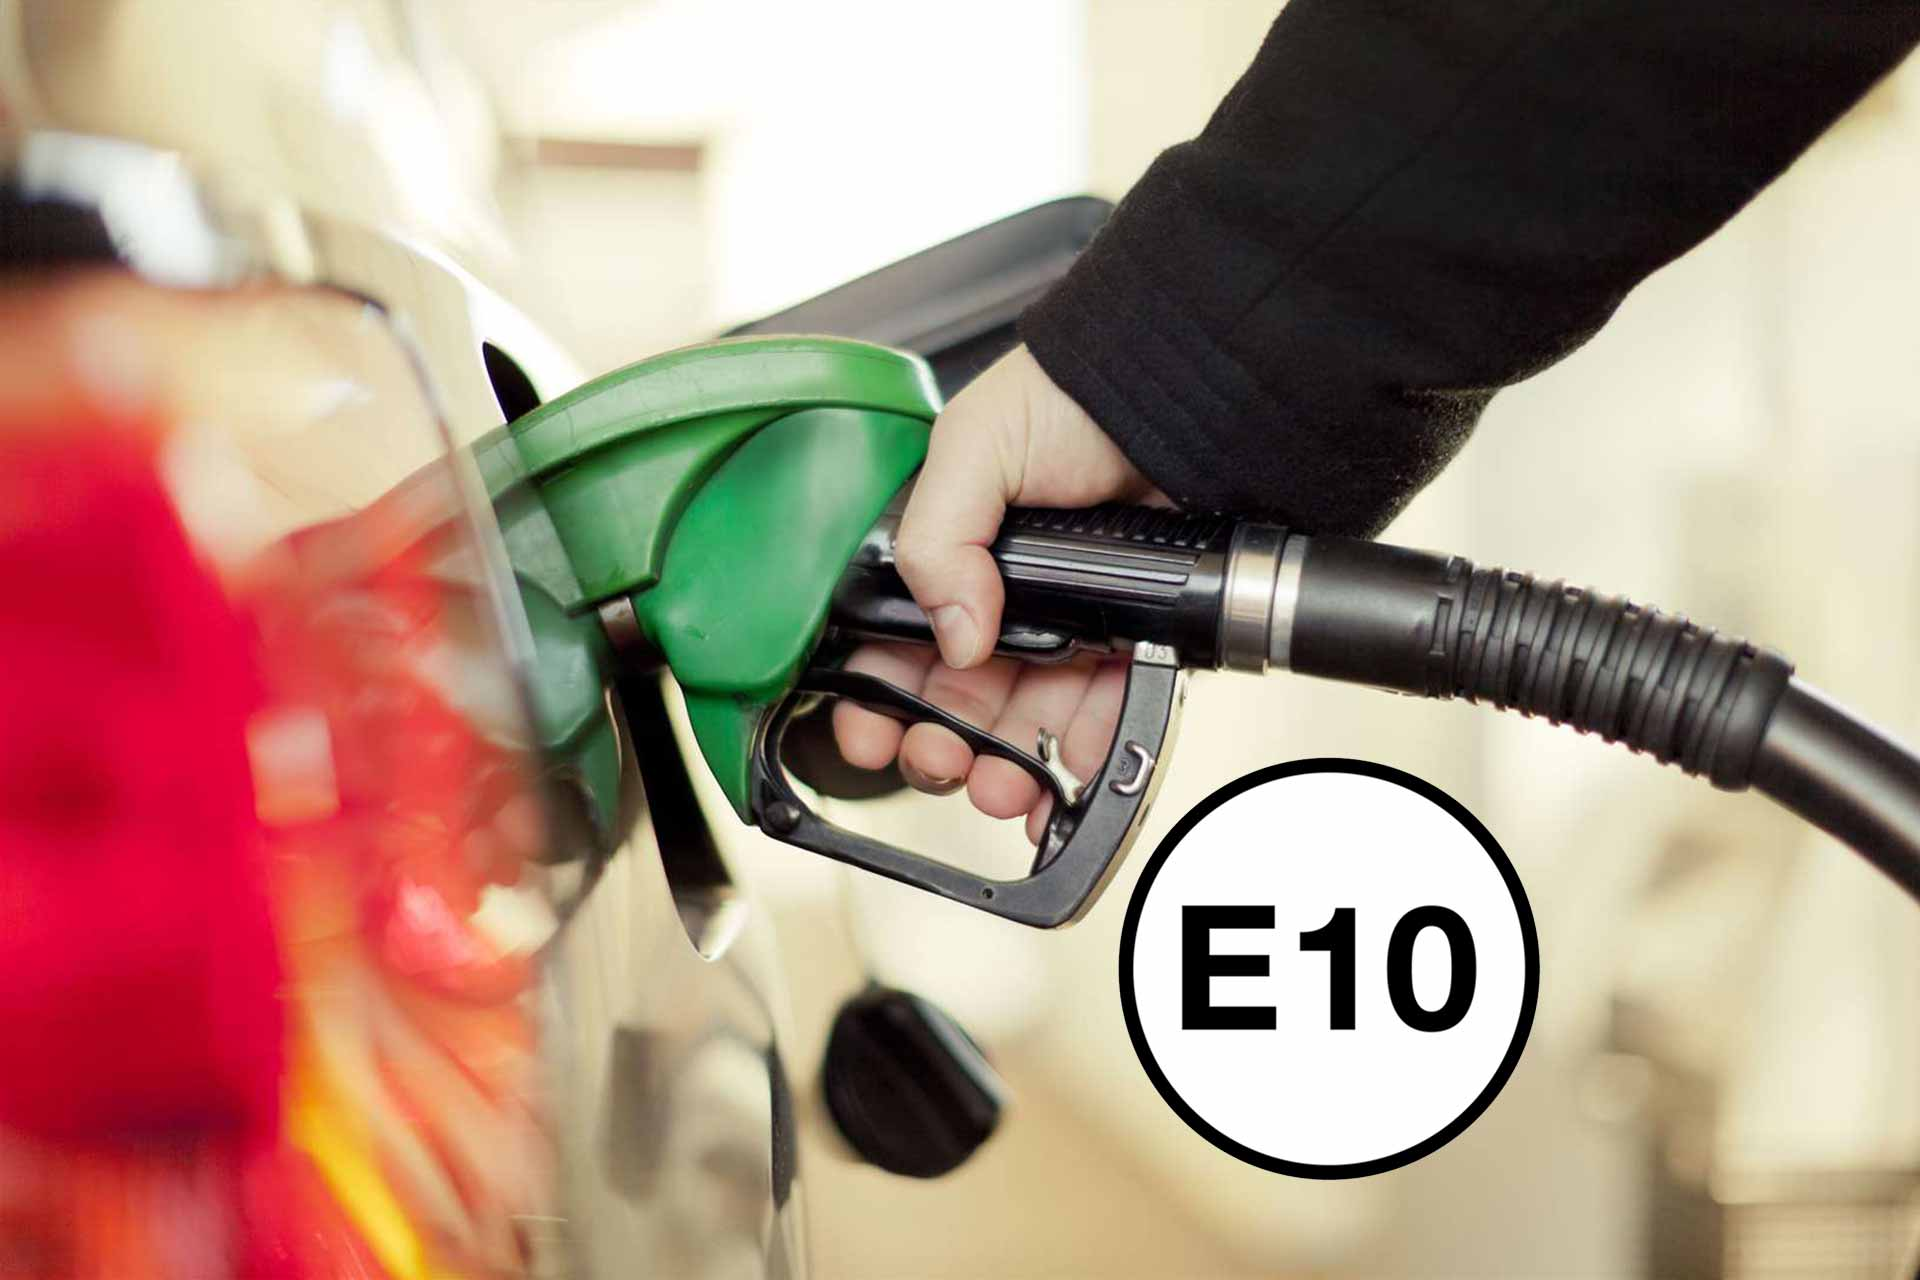 E10 petrol